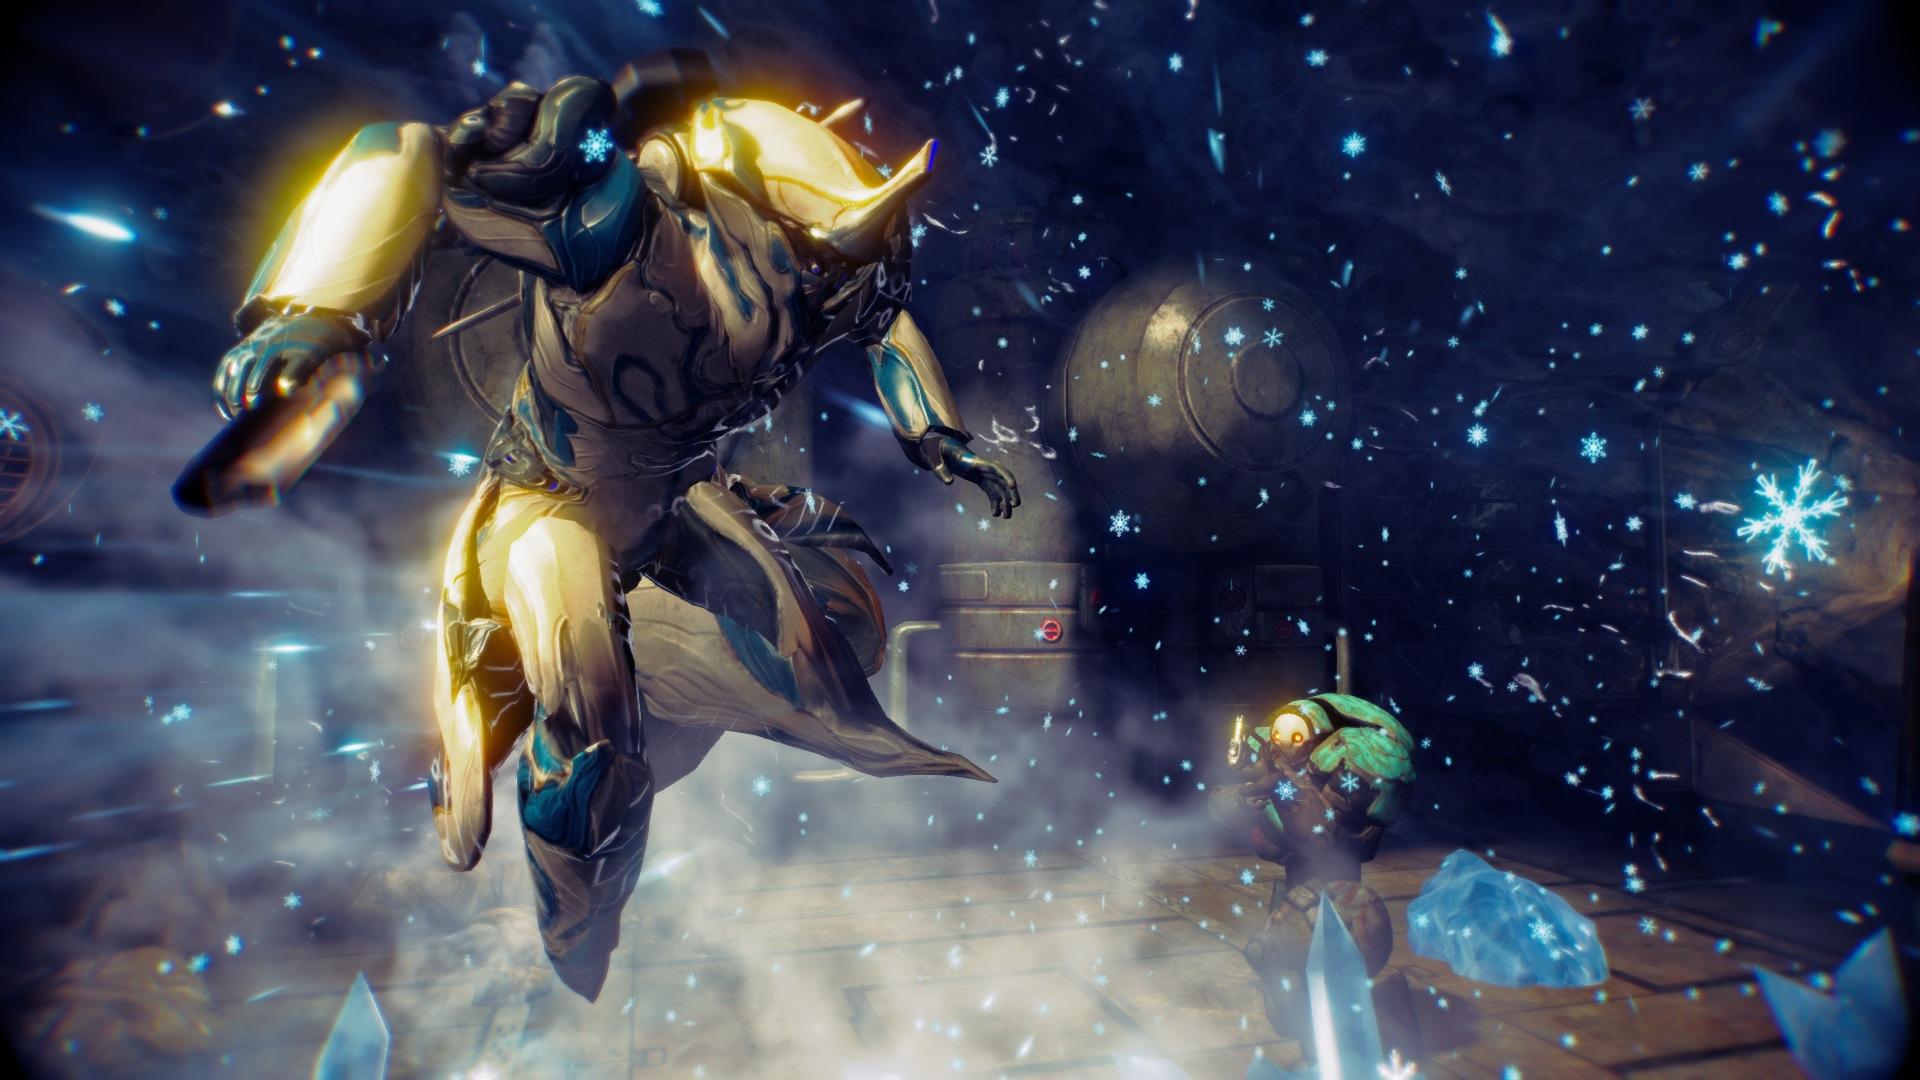 Mass Effect 2 Hd Wallpaper Warframe Ps4 Playstation 4 News Reviews Trailer